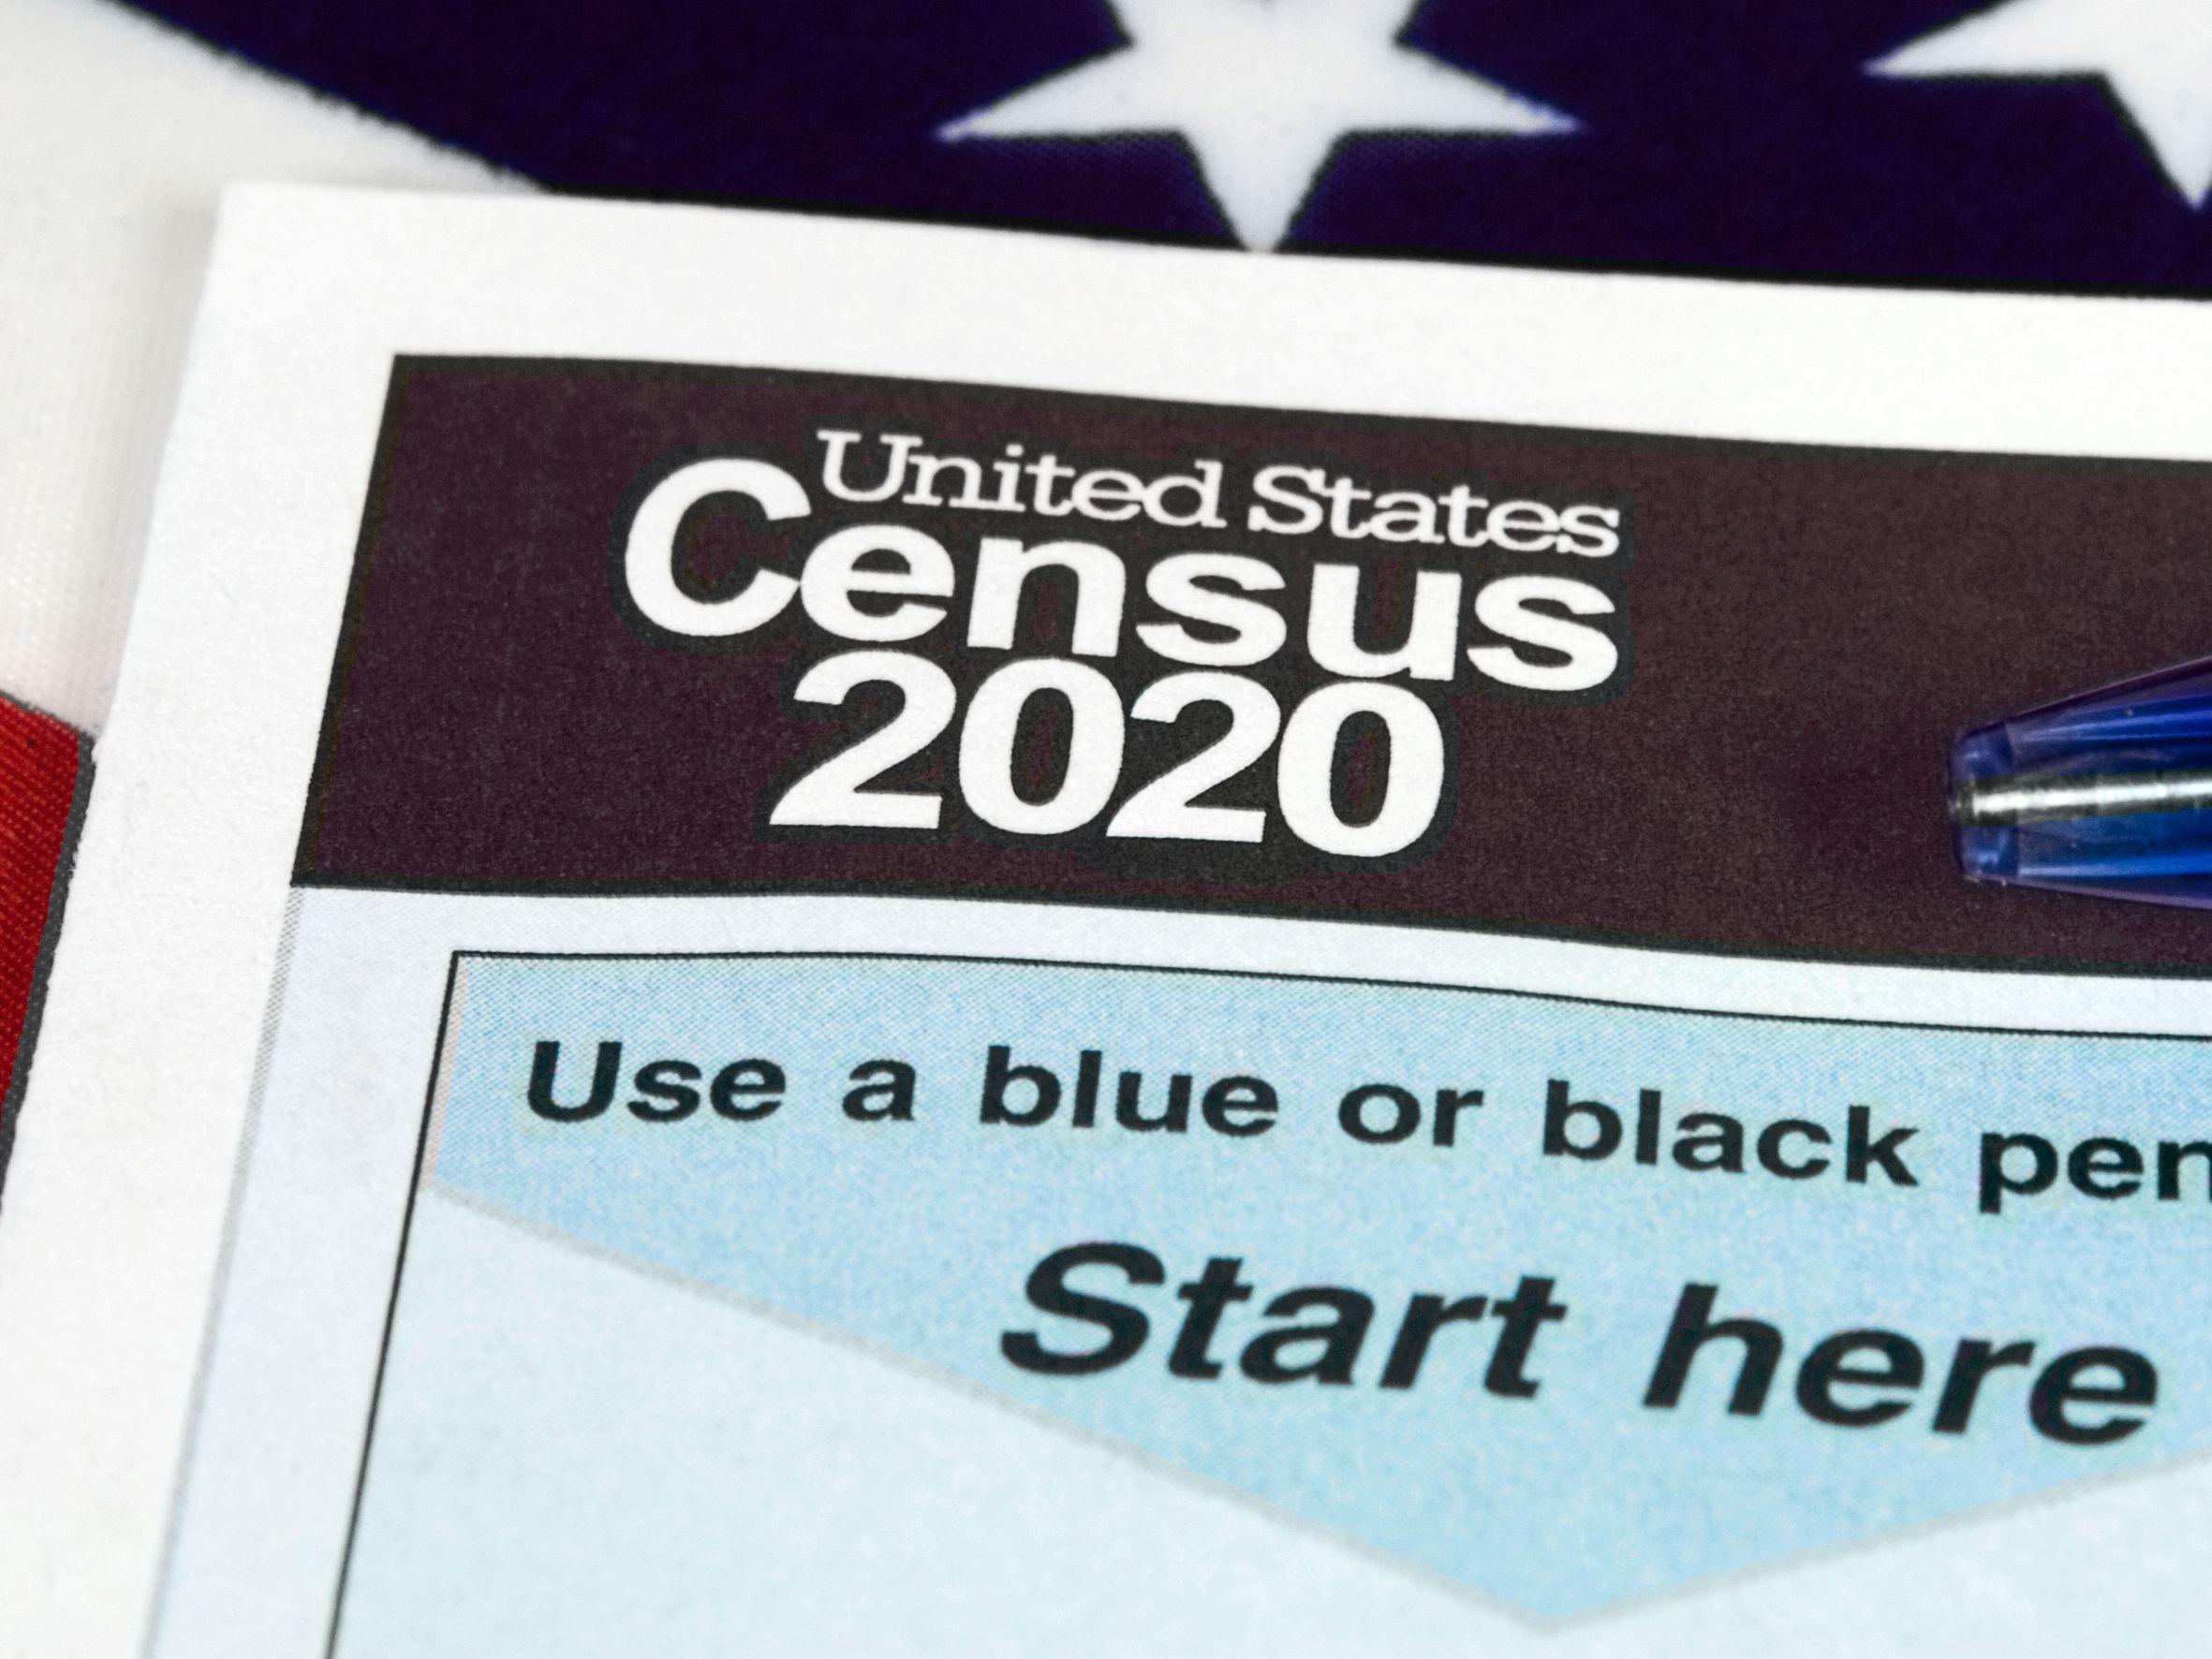 City of Amarillo to host census job fair